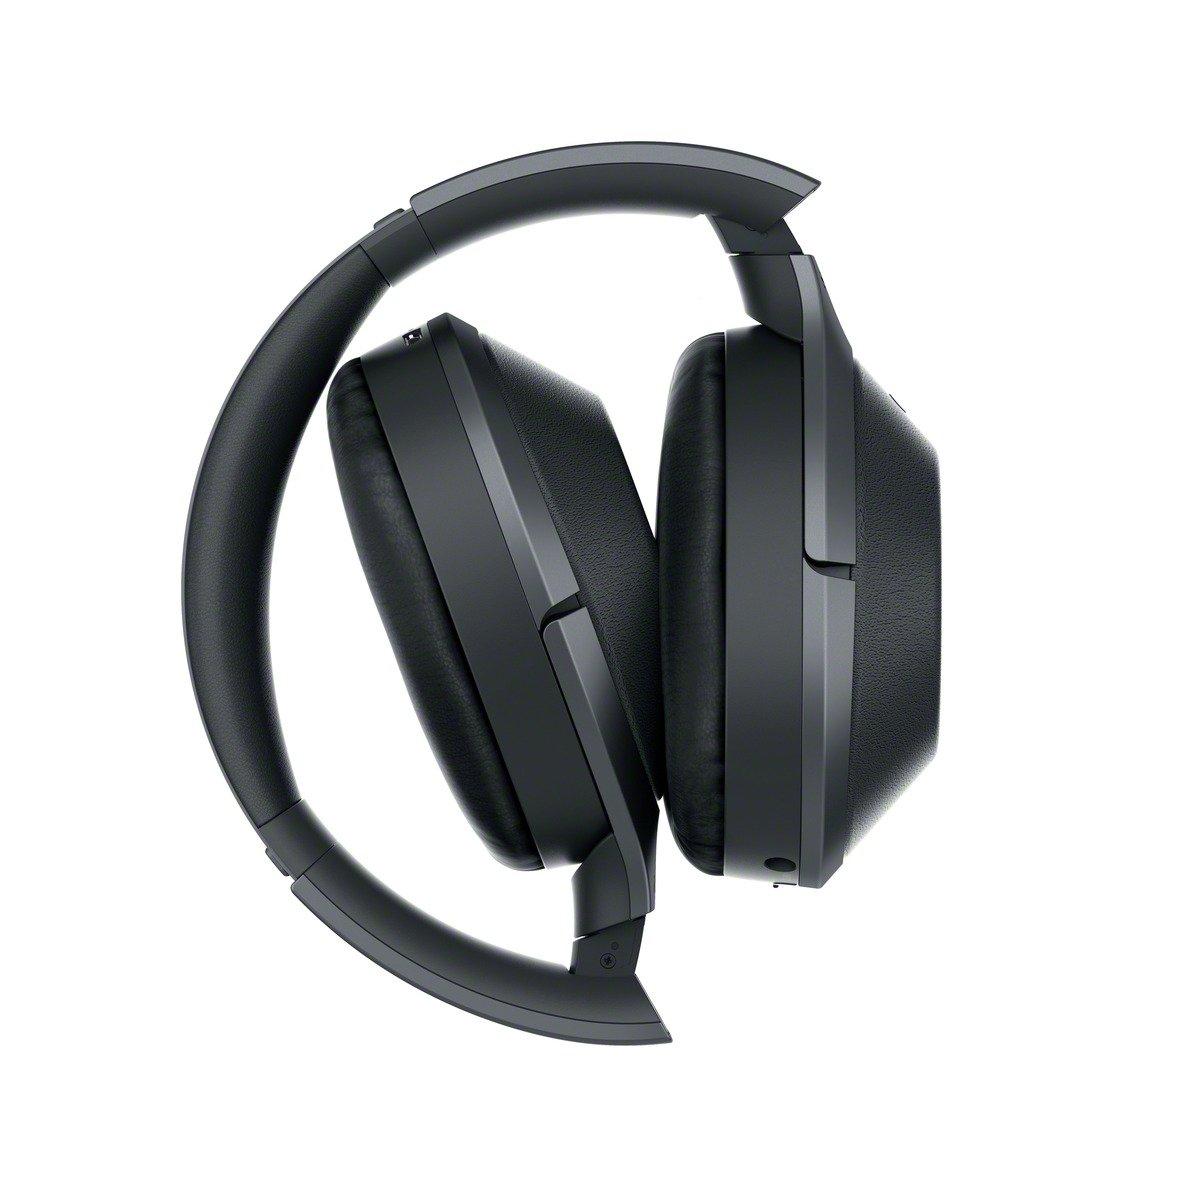 SONY MDR-1000 X Premium ruido cancelación Auriculares Hi-Fi inalámbrico Bluetooth negro : MDR1000X/B: Amazon.es: Electrónica